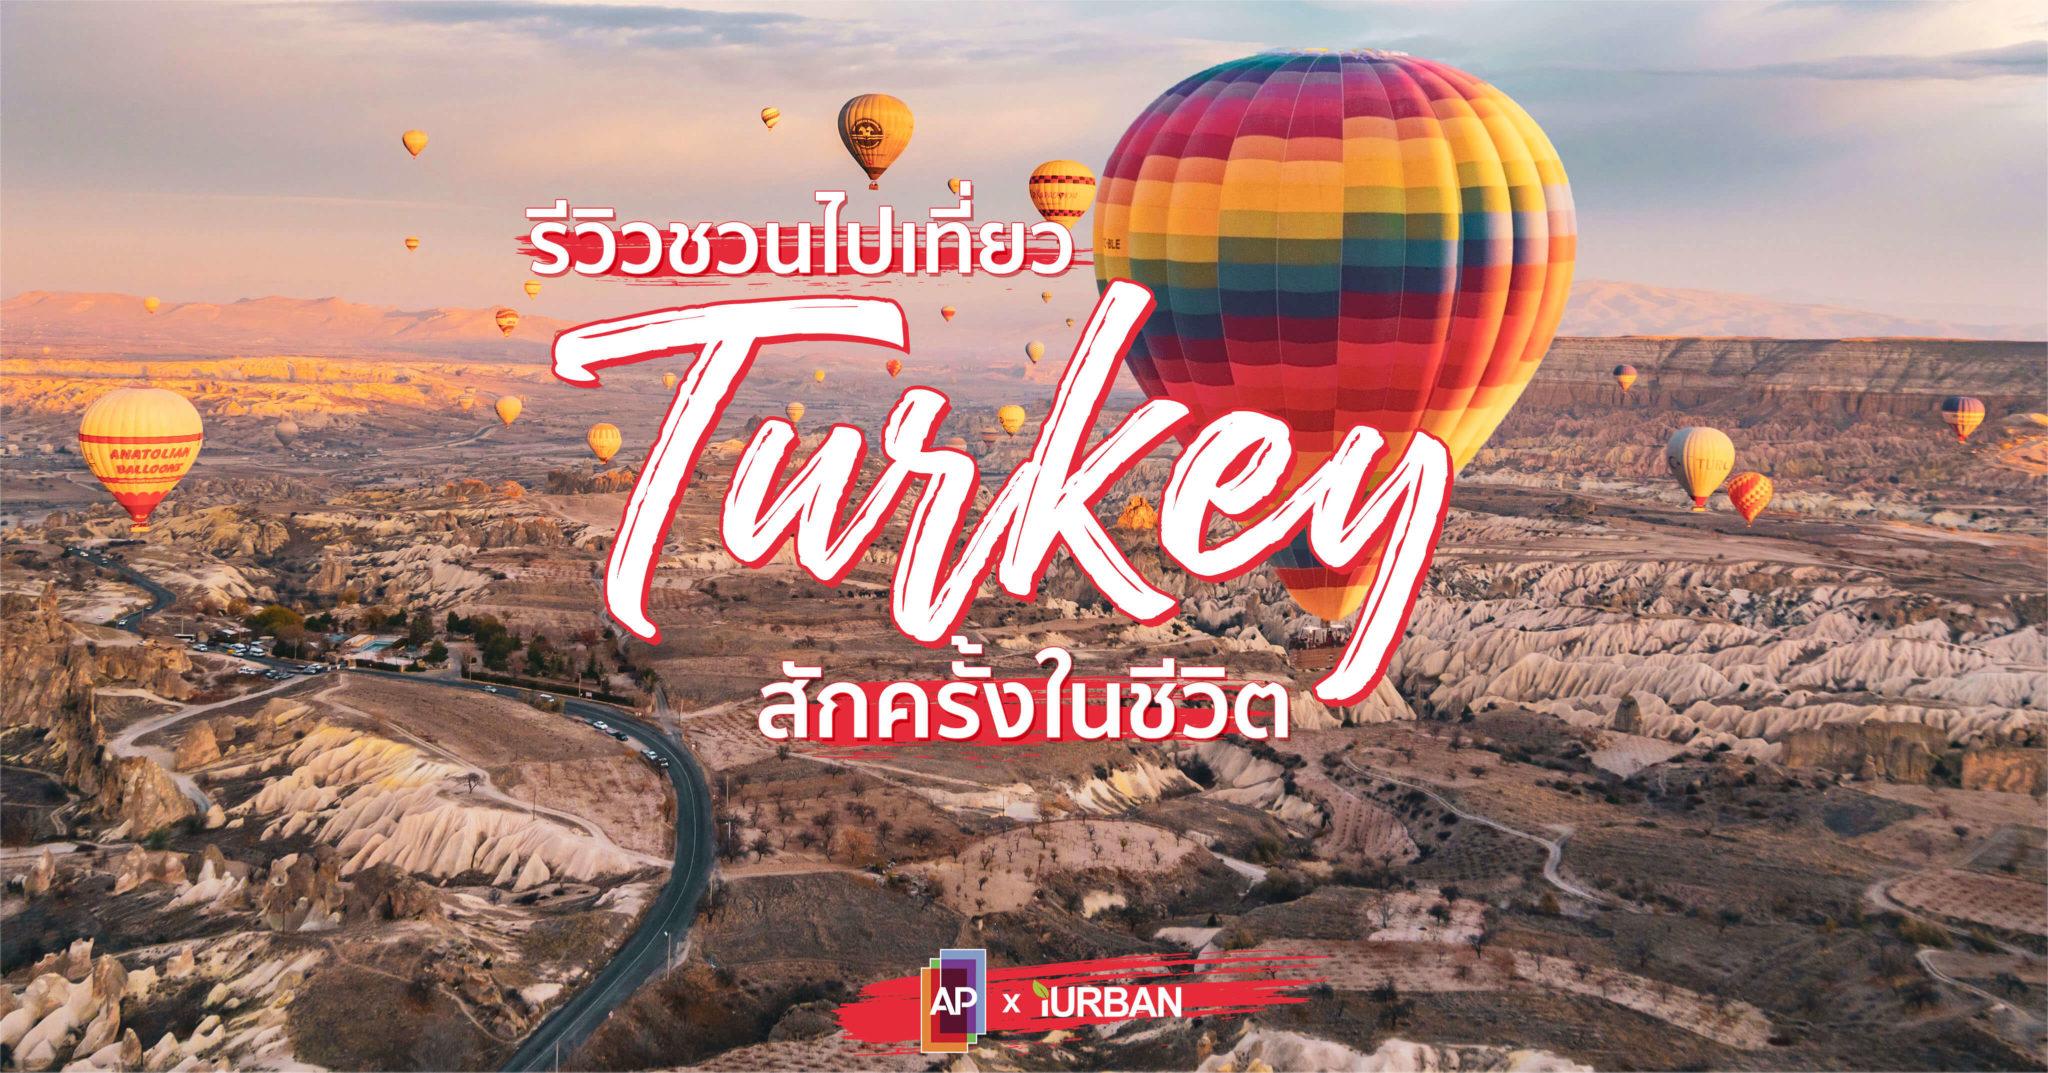 """16 เหตุผลทำไมคุณควรไป """"เที่ยวตุรกี"""" สักครั้งในชีวิต 13 - AP (Thailand) - เอพี (ไทยแลนด์)"""